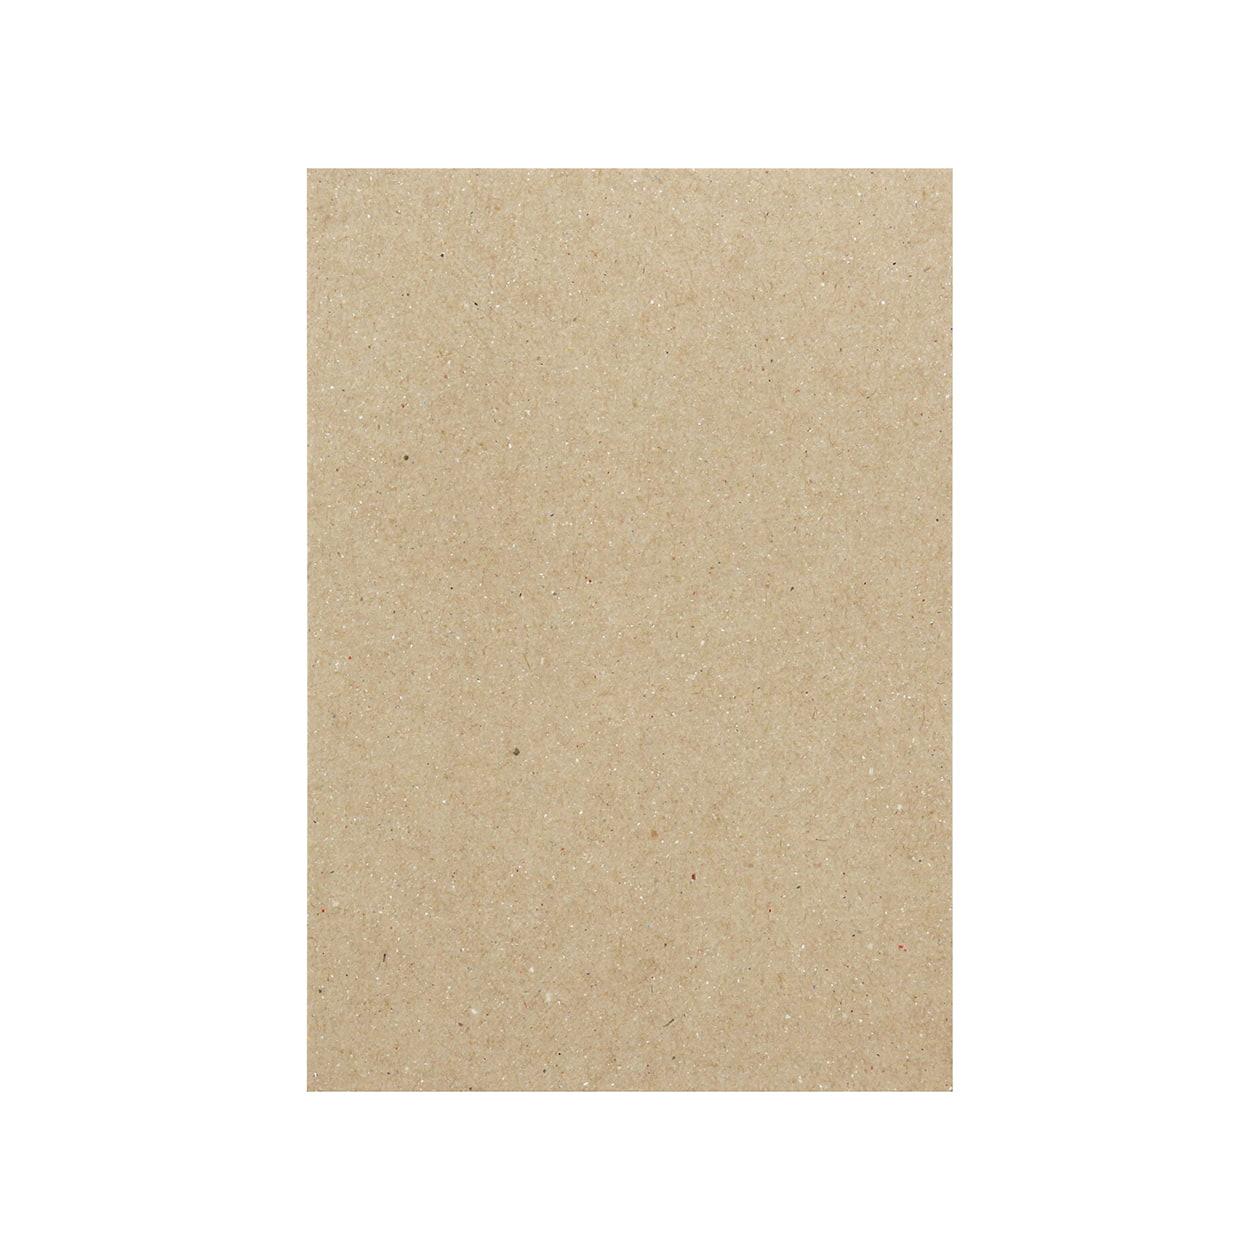 Pカード ボード紙 サンド 460g